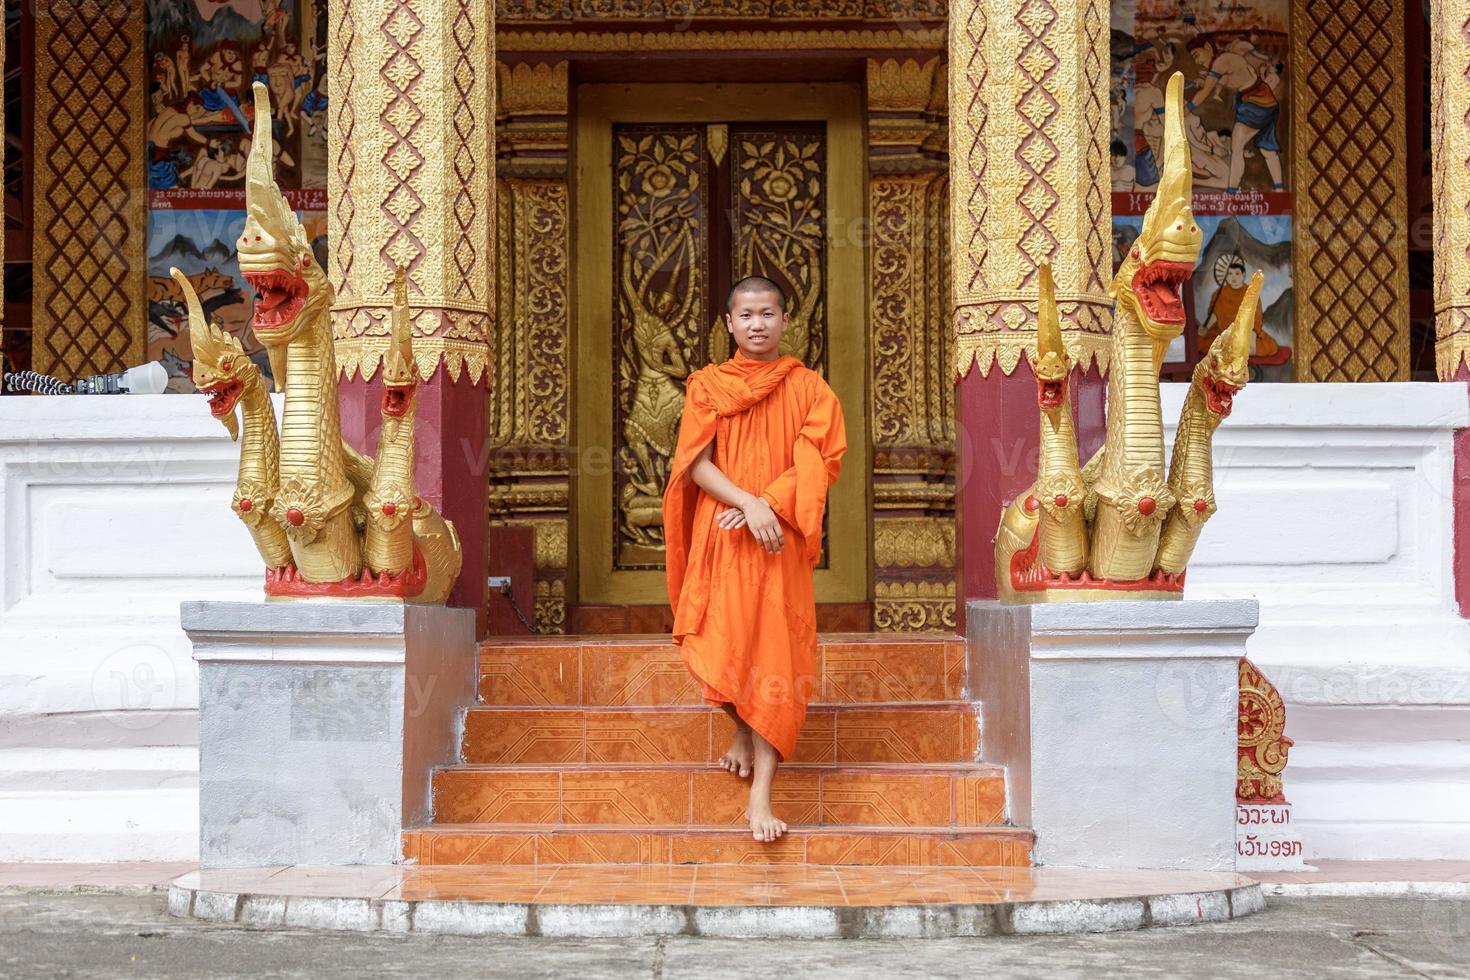 giovane monaco buddista che cammina davanti al monastero foto